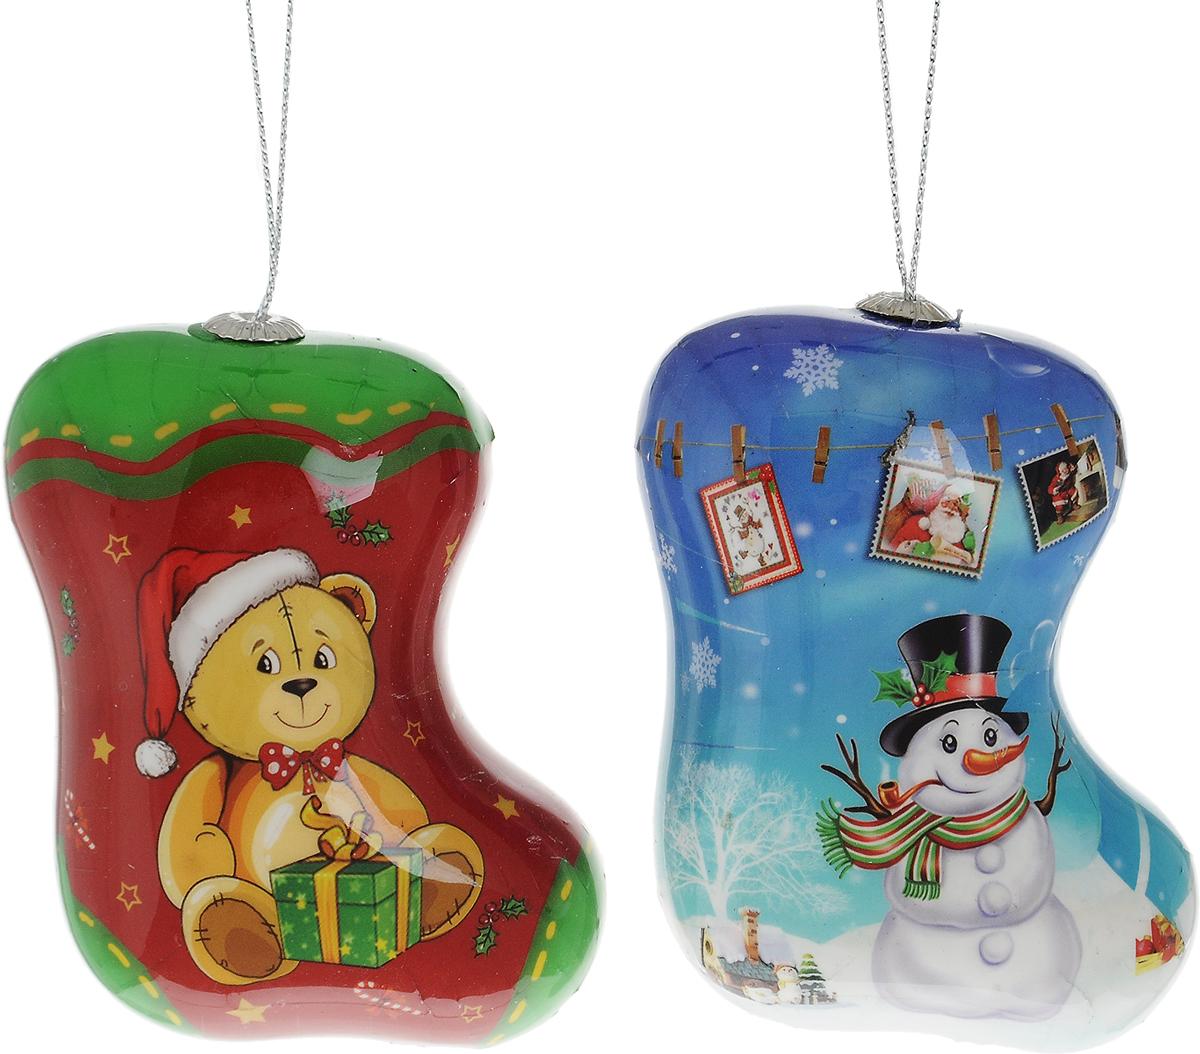 """Набор подвесных украшений Winter Wings """"Сапожки"""" прекрасно  подойдет для праздничного декора новогодней ели. Набор состоит из двух  пластиковых украшений в виде сапожков, украшенных новогодним рисунком.  Для удобного размещения на елке для каждого украшения предусмотрена  петелька.  Елочная игрушка - символ Нового года. Она несет в себе волшебство и  красоту праздника. Создайте в своем доме атмосферу веселья и радости,  украшая новогоднюю елку нарядными игрушками, которые будут из года в  год накапливать теплоту воспоминаний.  Откройте для себя удивительный мир сказок и грез. Почувствуйте  волшебные минуты ожидания праздника, создайте новогоднее настроение  вашим дорогим и близким.  Размер украшения: 7,5 х 3,5 х 8,5 см."""